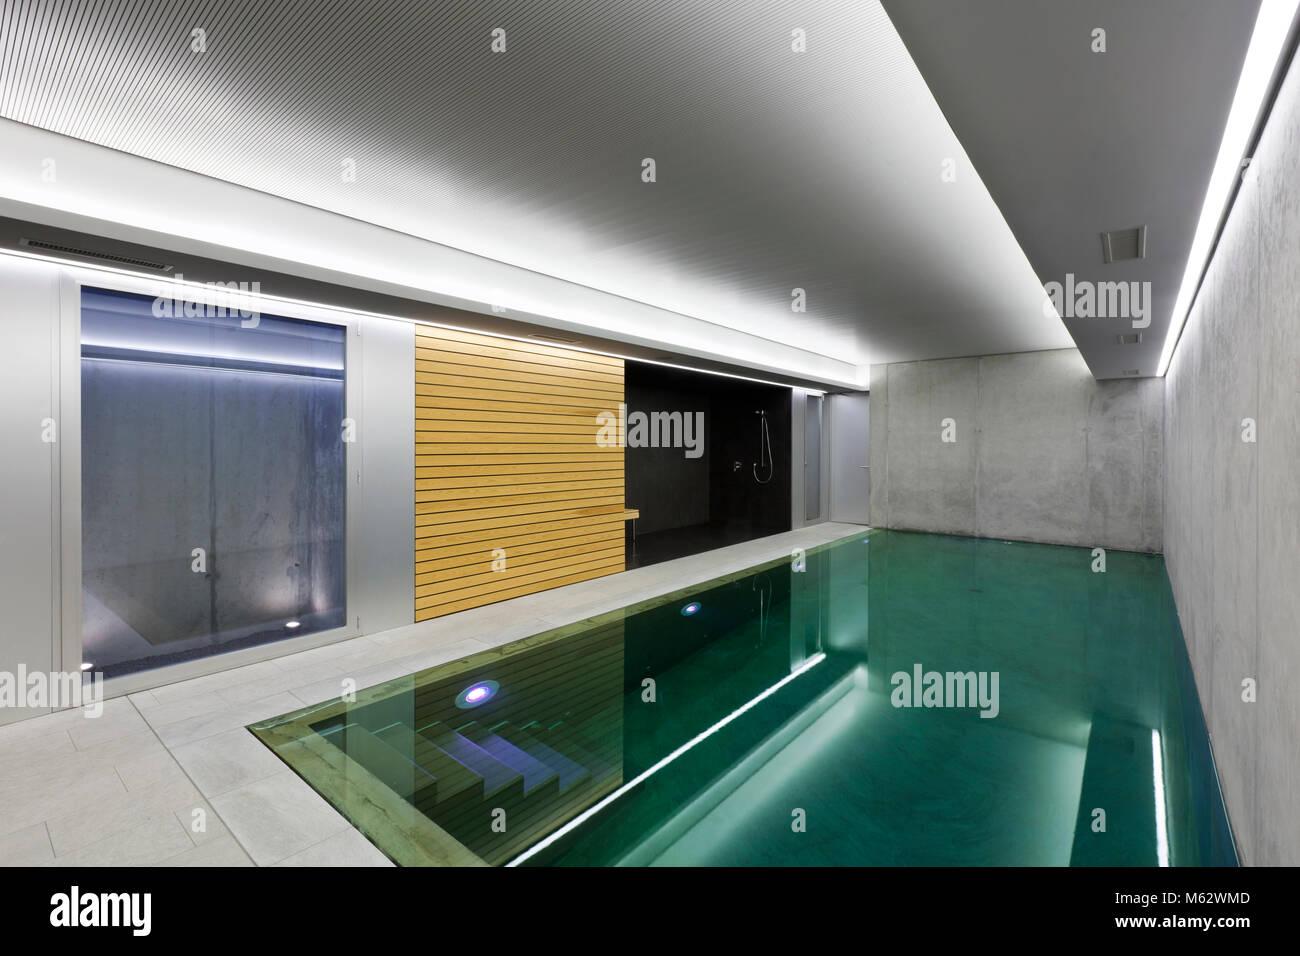 Moderne Sauna moderne beton haus, hallenbad mit sauna stockfoto, bild: 175855693